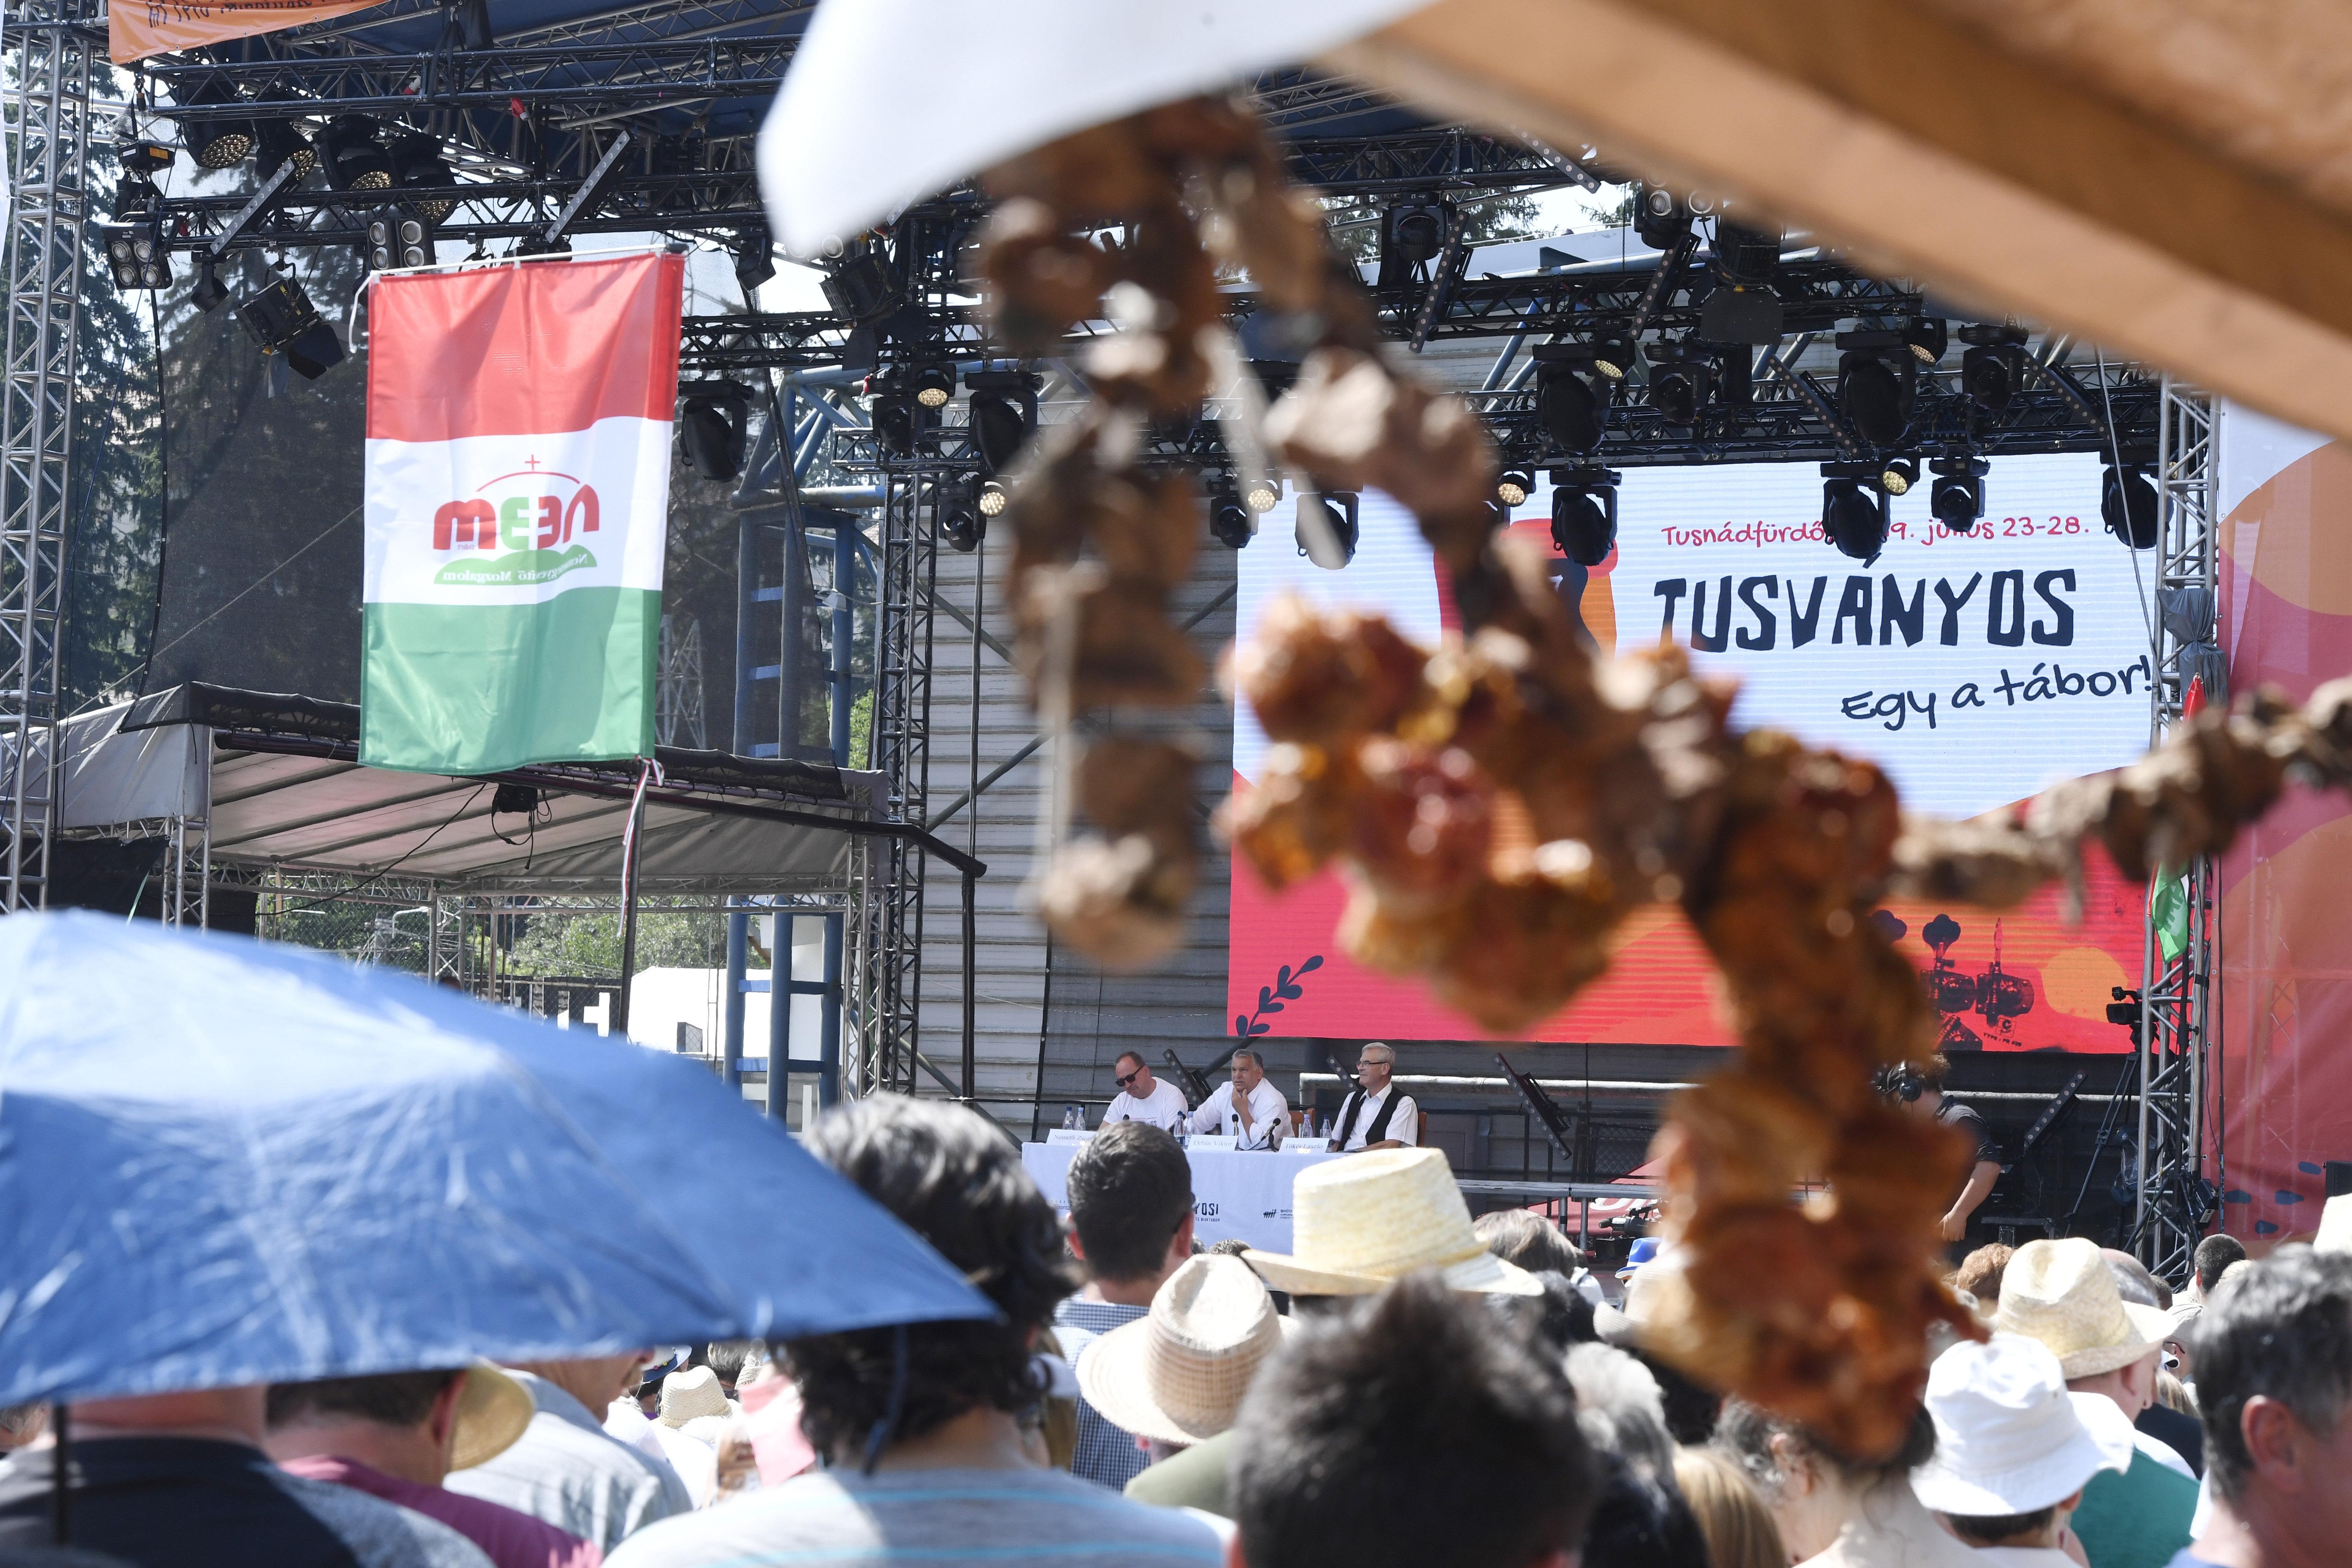 """Presseschau von budapost: """"Orbáns alljährliche Rede in Siebenbürgen"""" post's picture"""